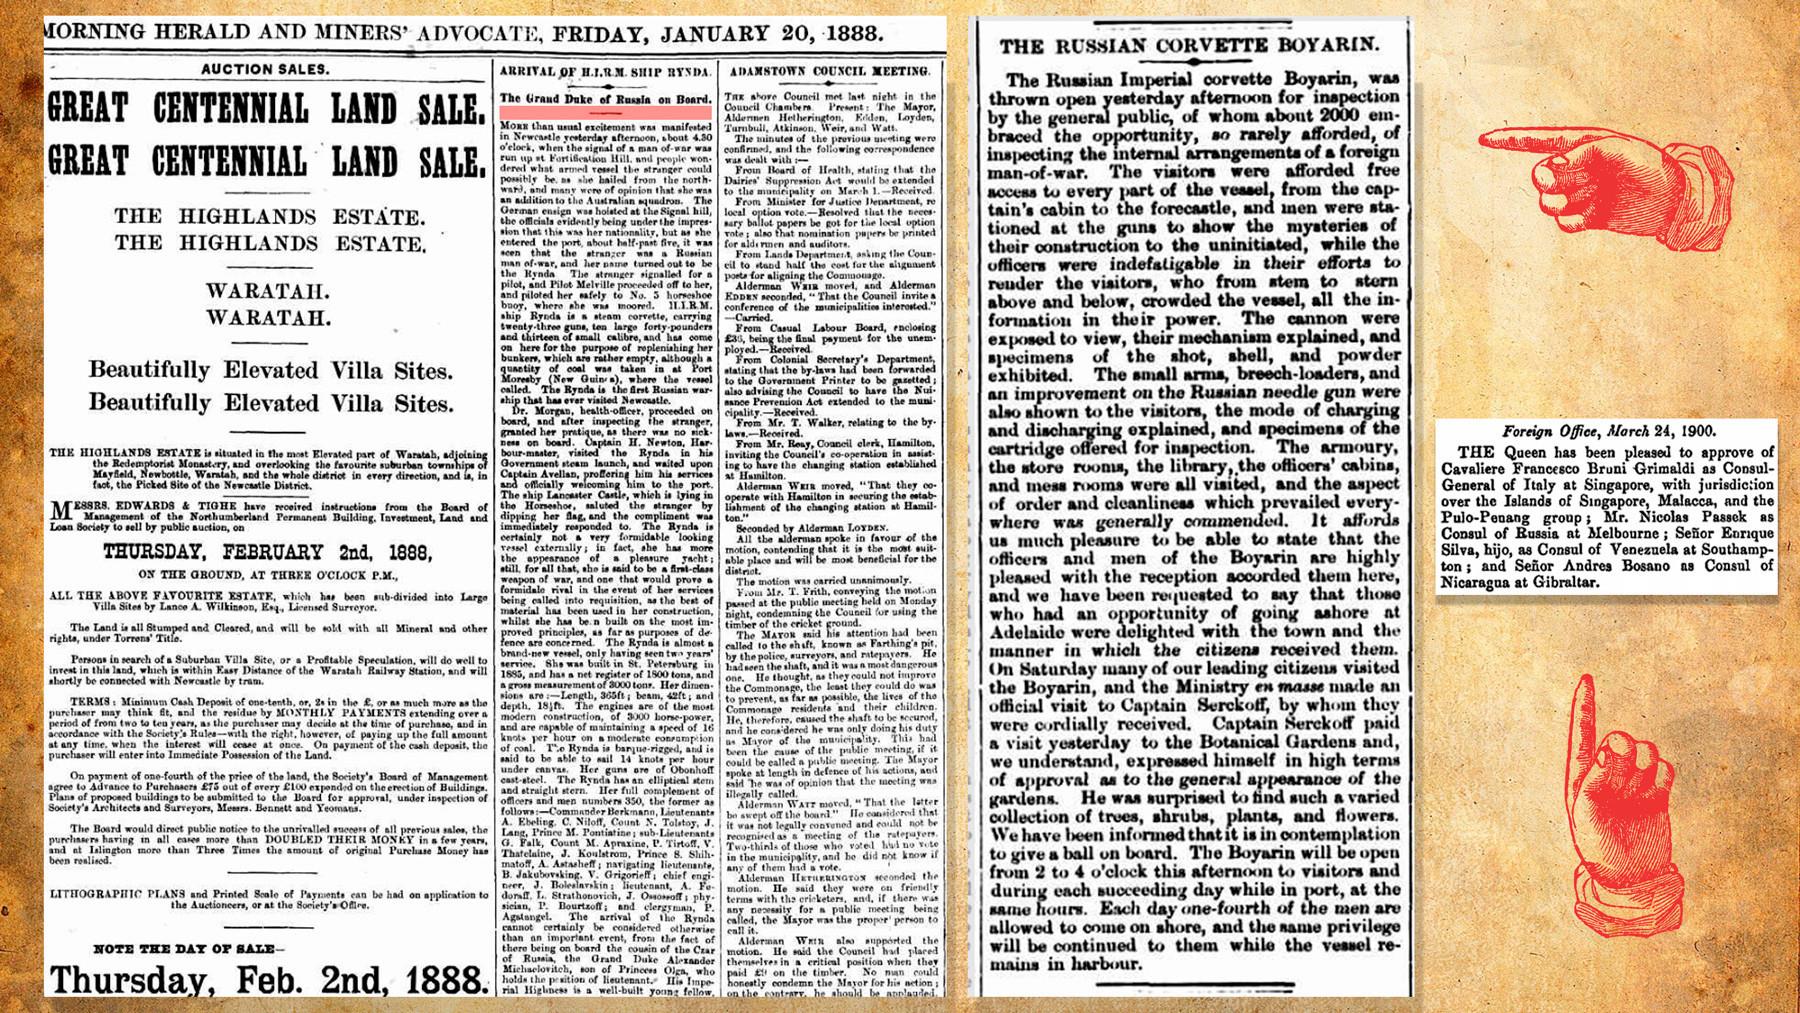 Jornais australianos da época sobre as visitas dos navios russos ao país.